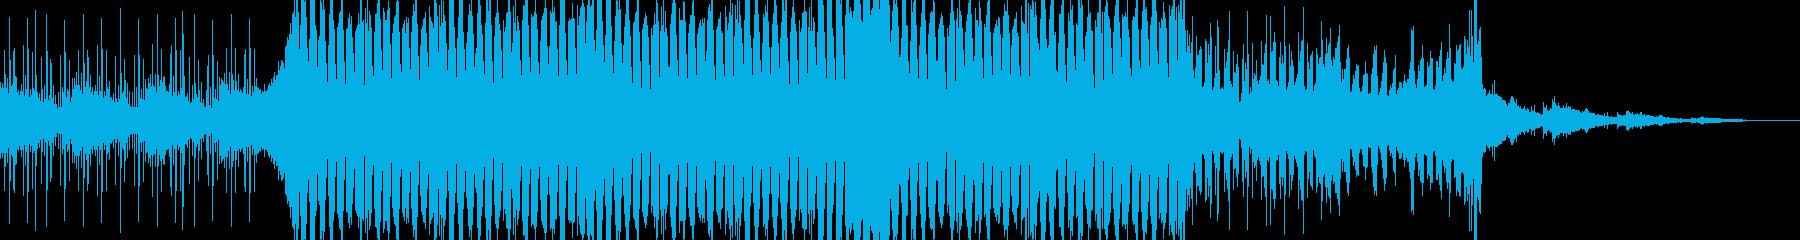 シンプルなLo-Fi Houseの再生済みの波形